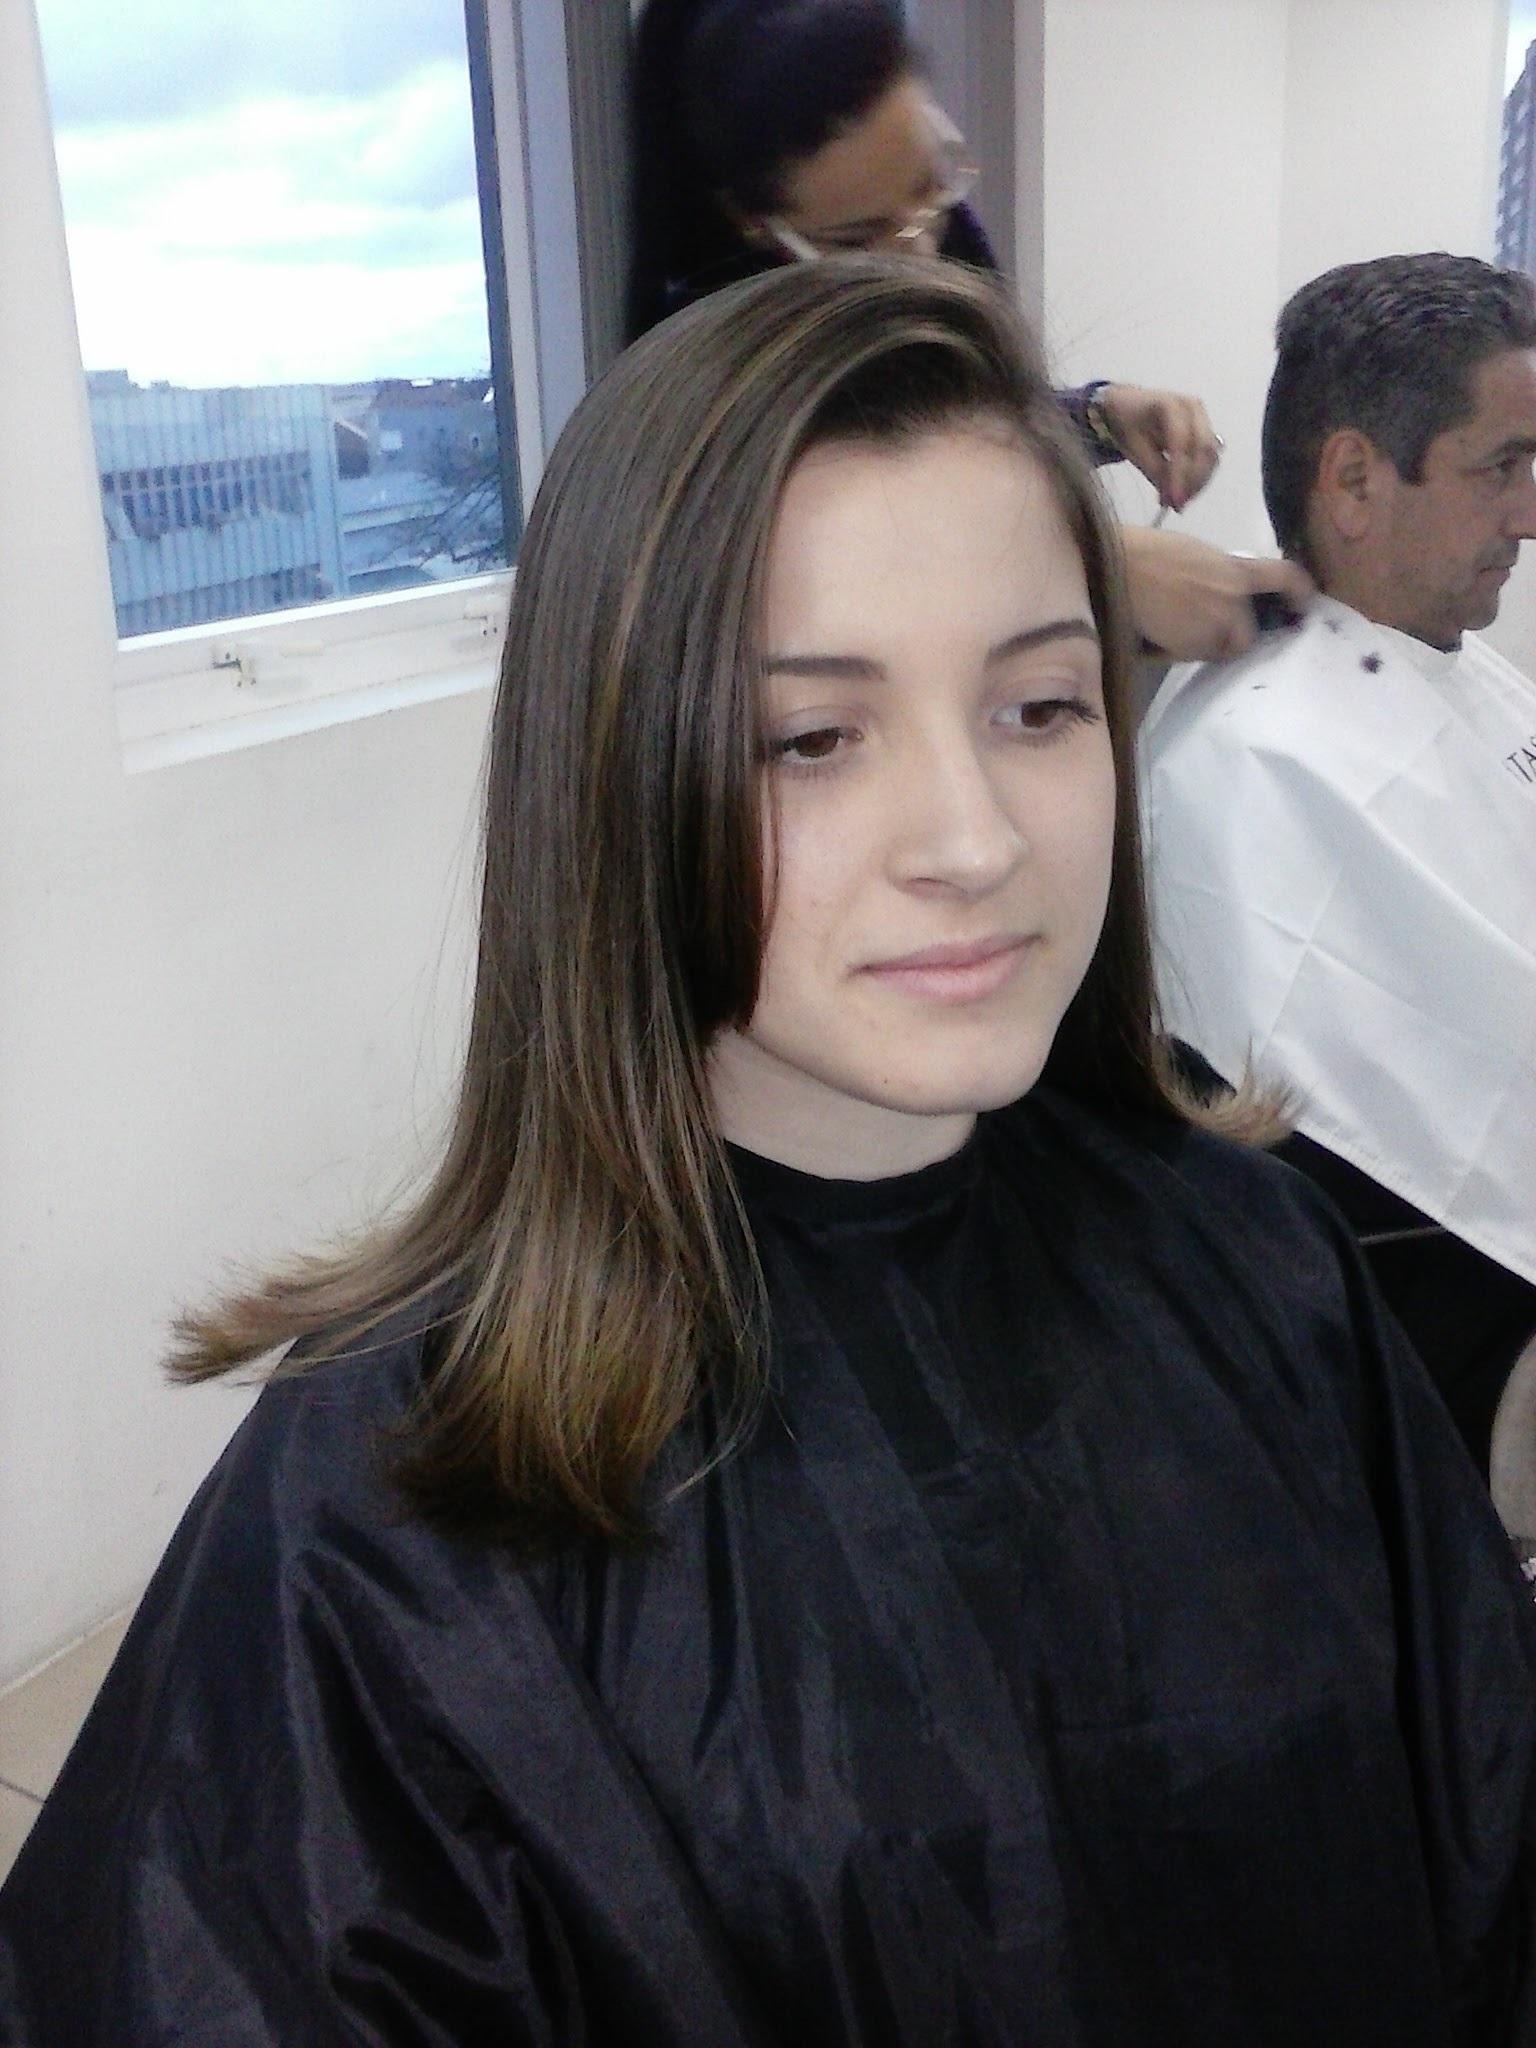 corte em camadas com franjão cabelo cabeleireiro(a) recepcionista revendedor(a)